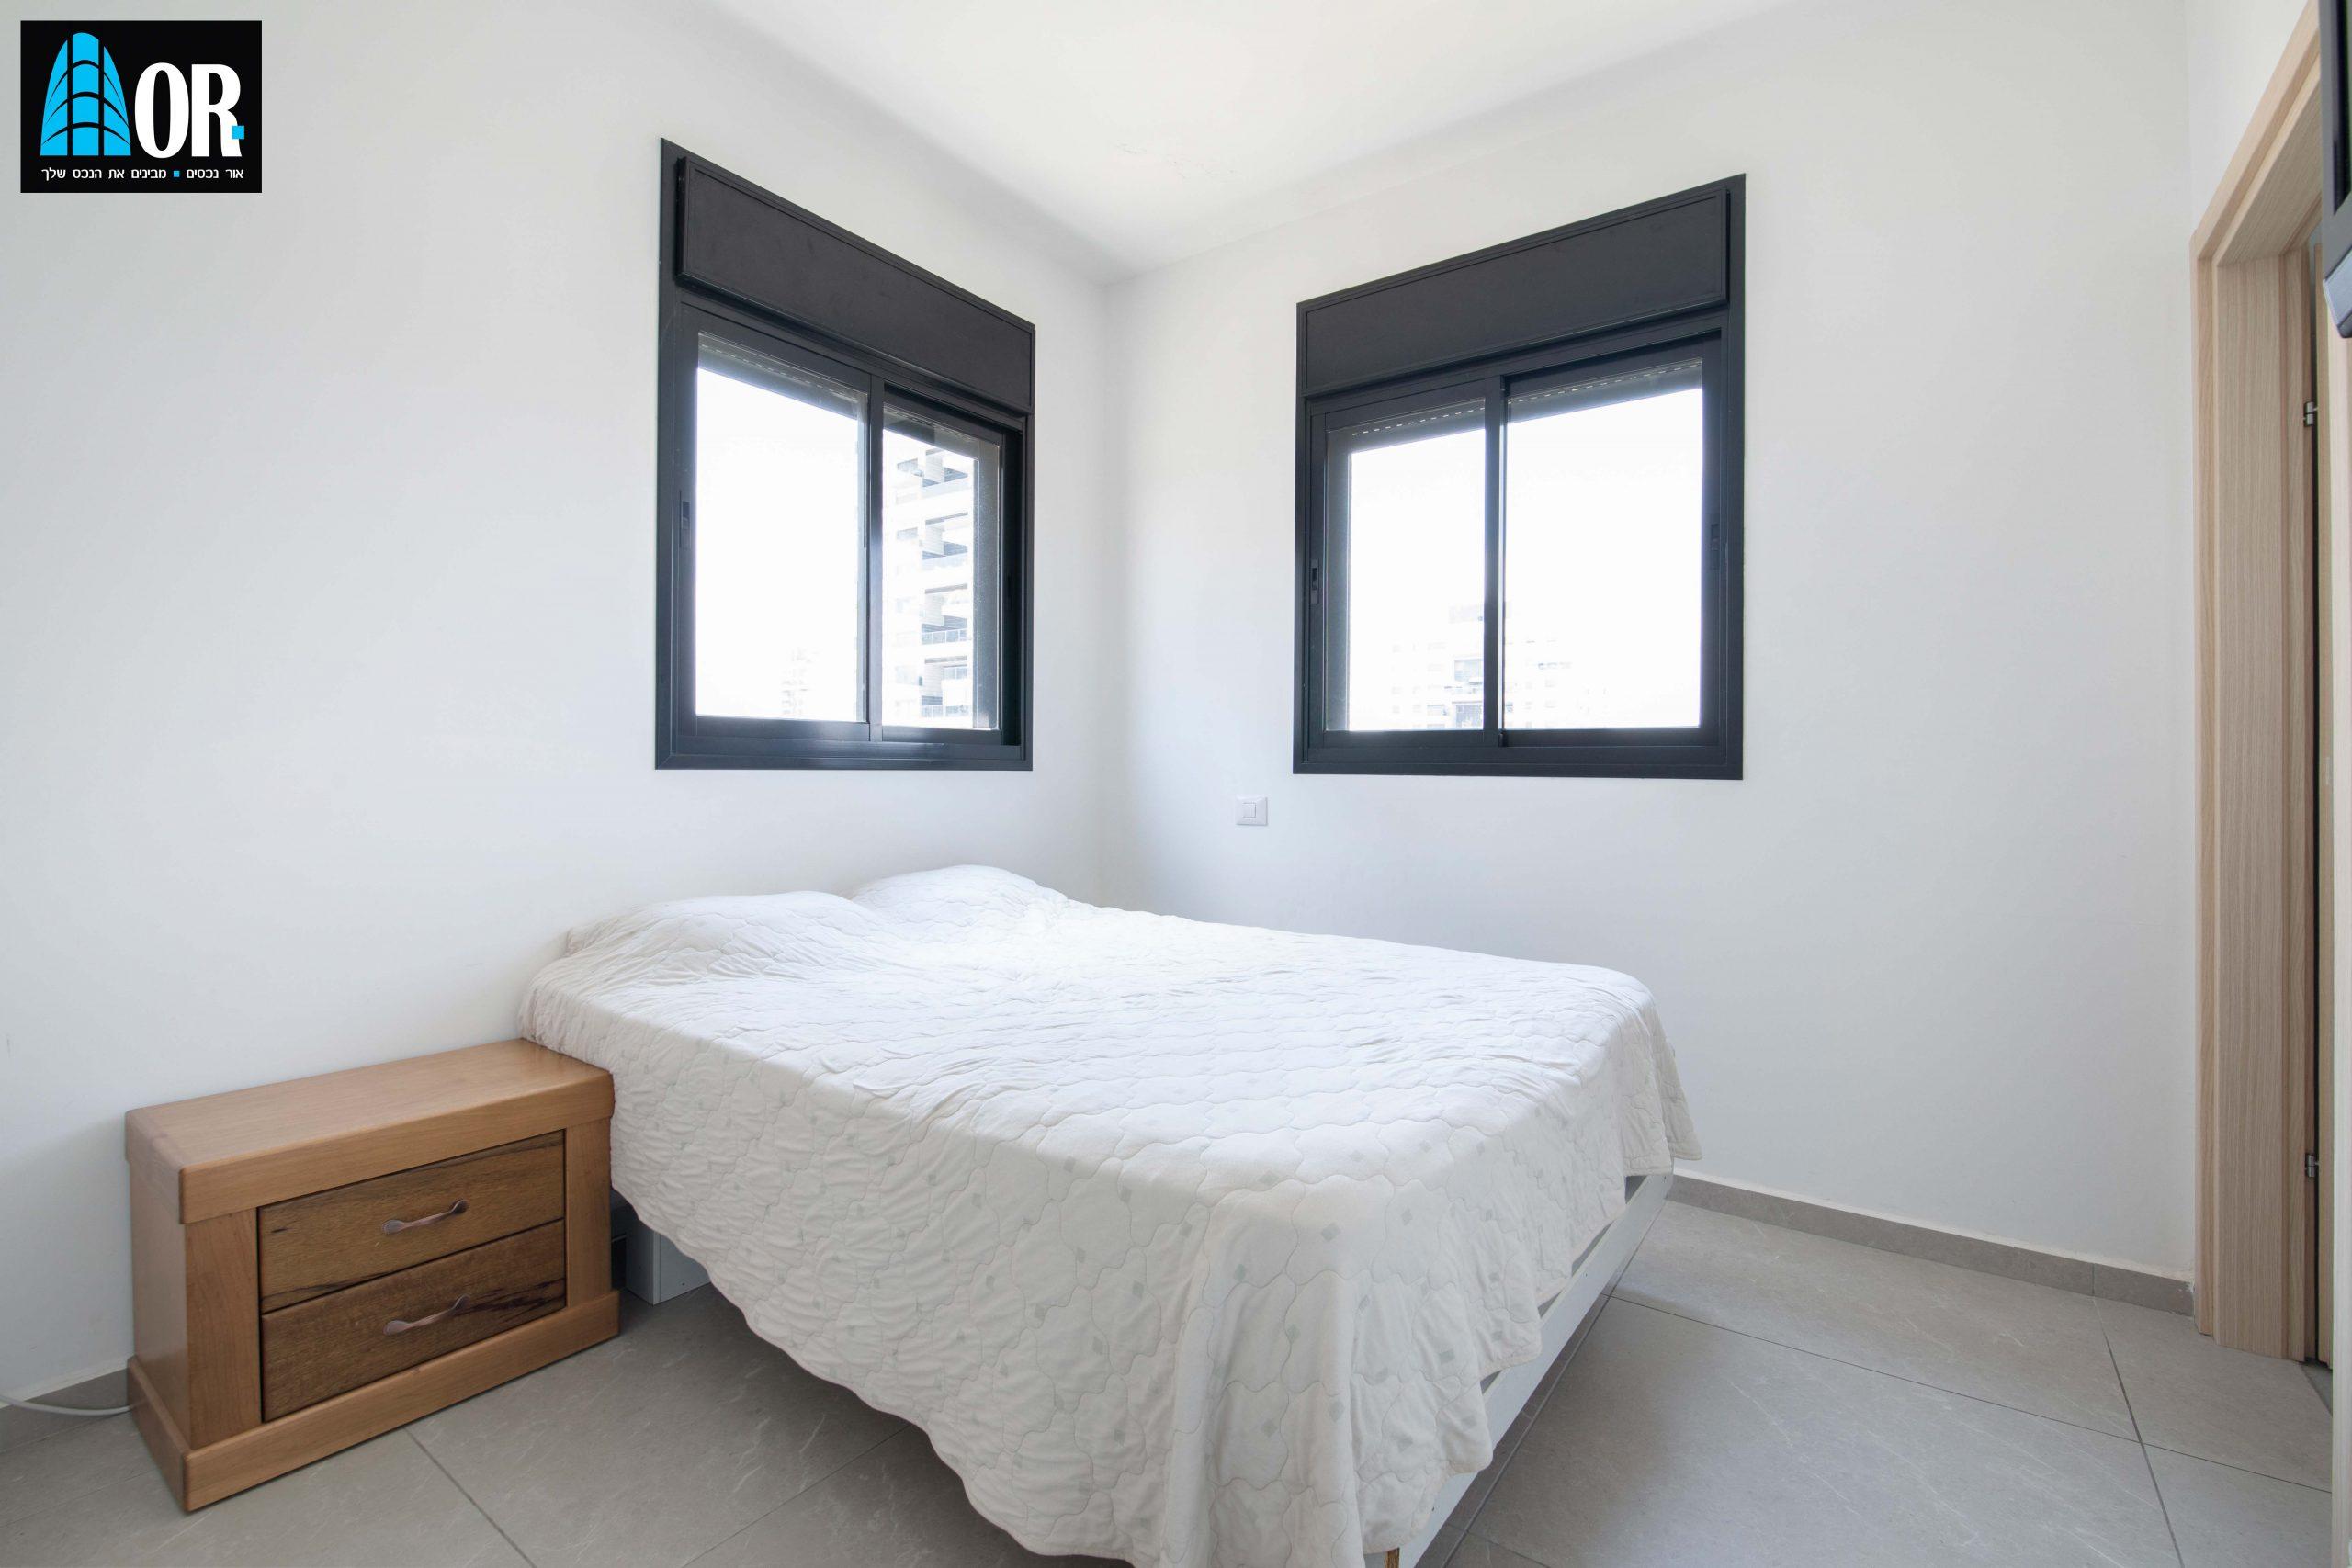 חדר שינה דירה 4 חדרים בשכונה צמרות